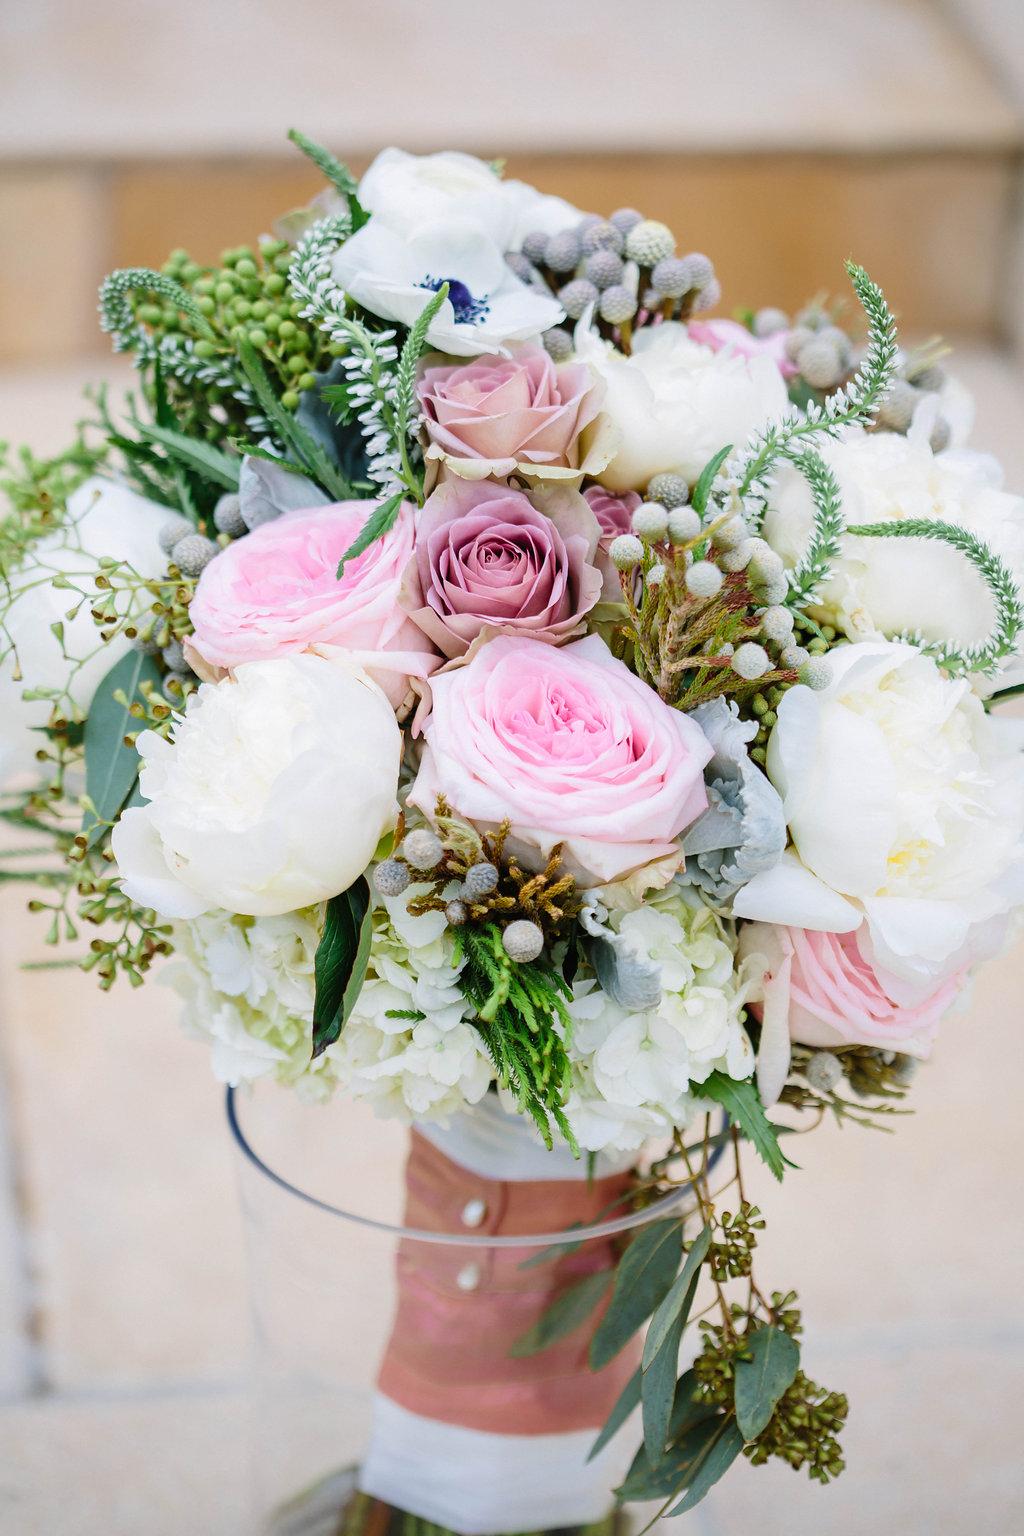 Nicole_Marie_Photography_Luxury_Wedding_Photographer-4.jpg